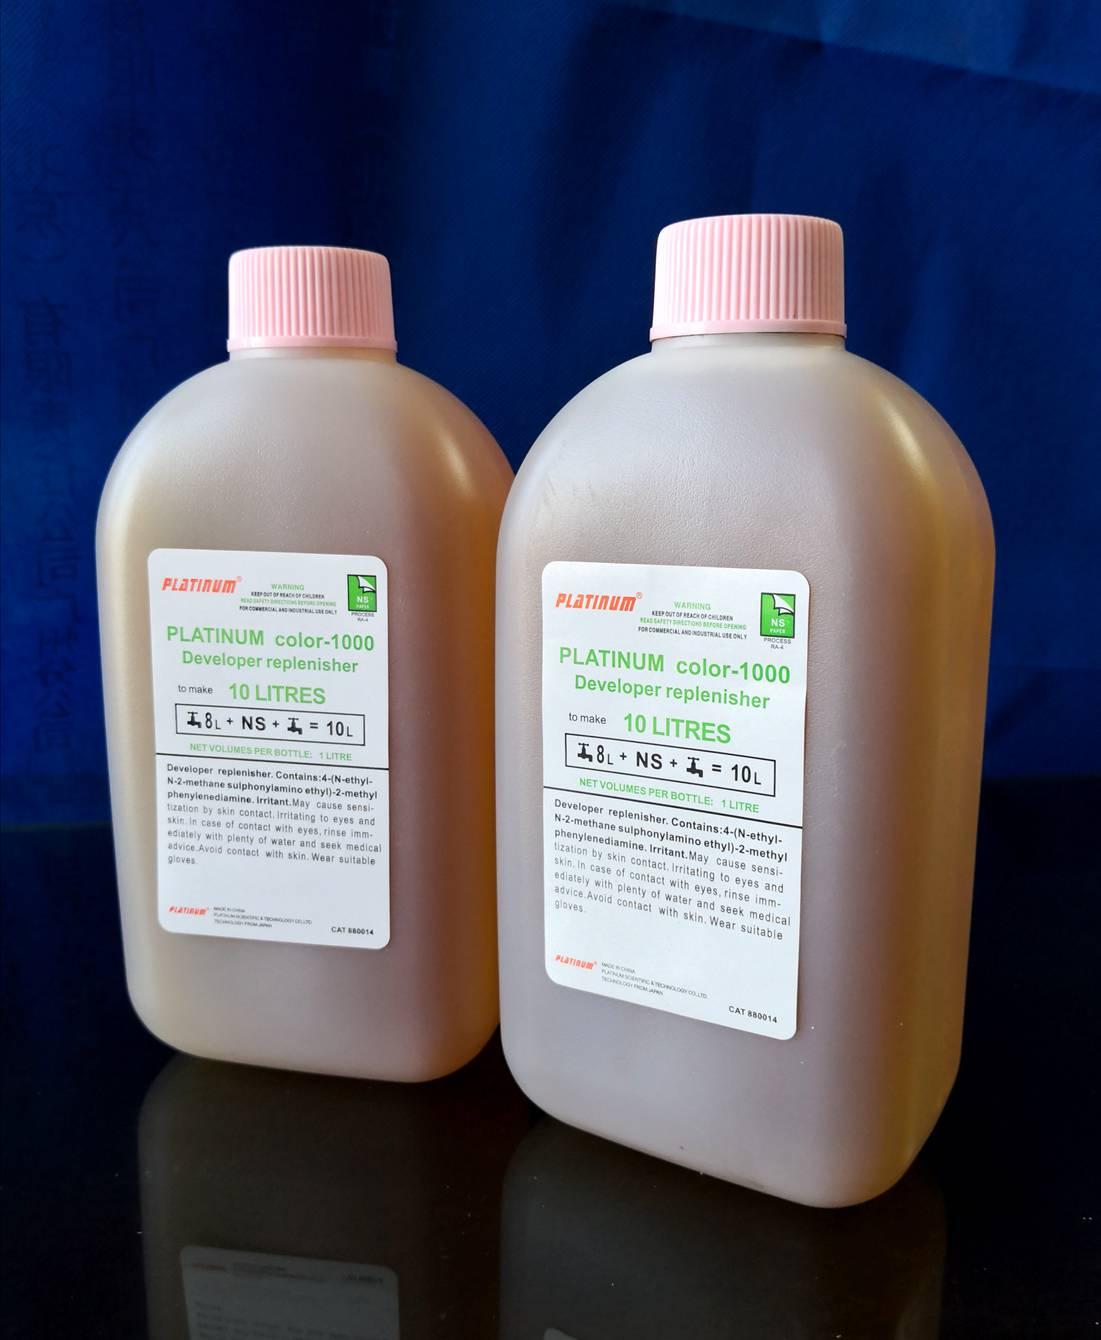 民用胶片显影液废液处理「依尔福特感光化学品供应」